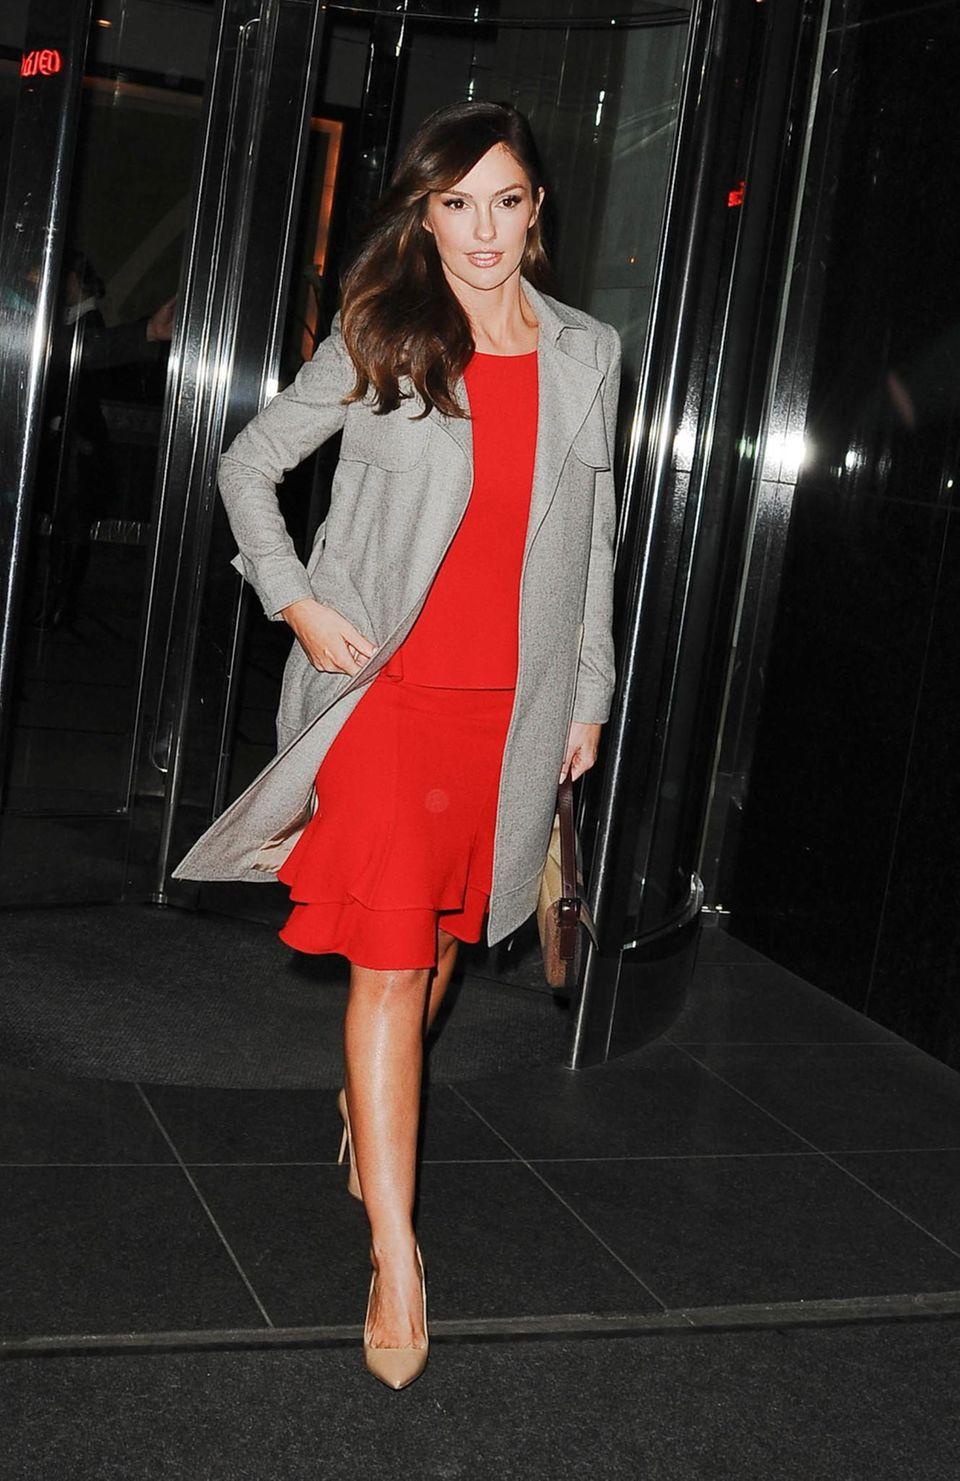 Roter Teppich oder Shoppingtour: Mit diesem Outfit ist Minka Kelly für jeden Anlass gewappnet.